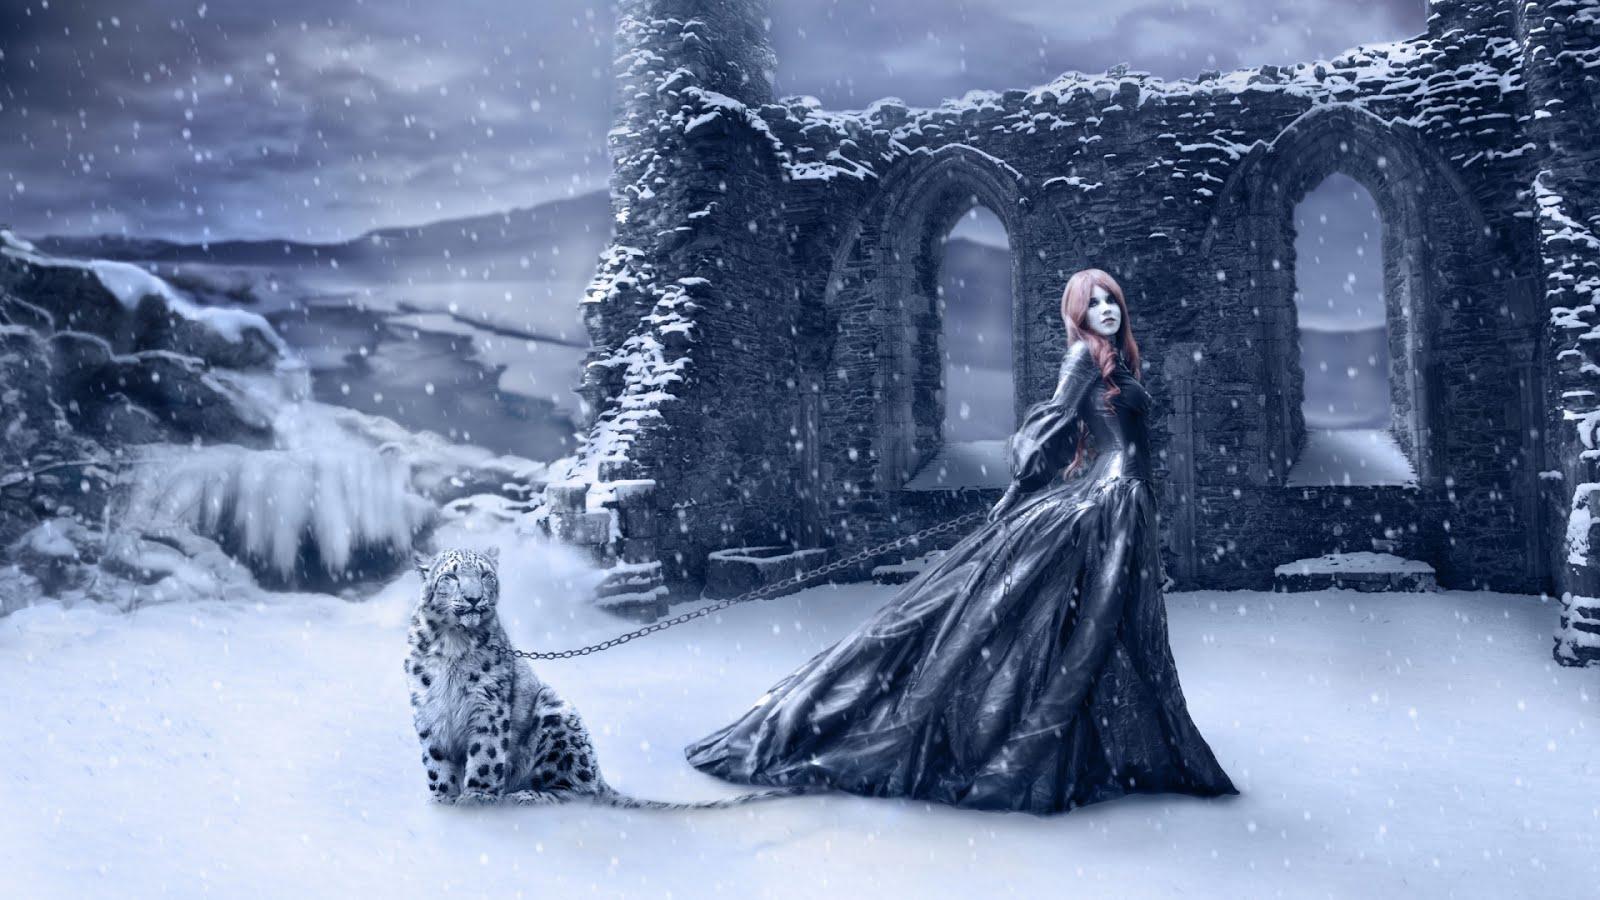 immagini fantasy preferite